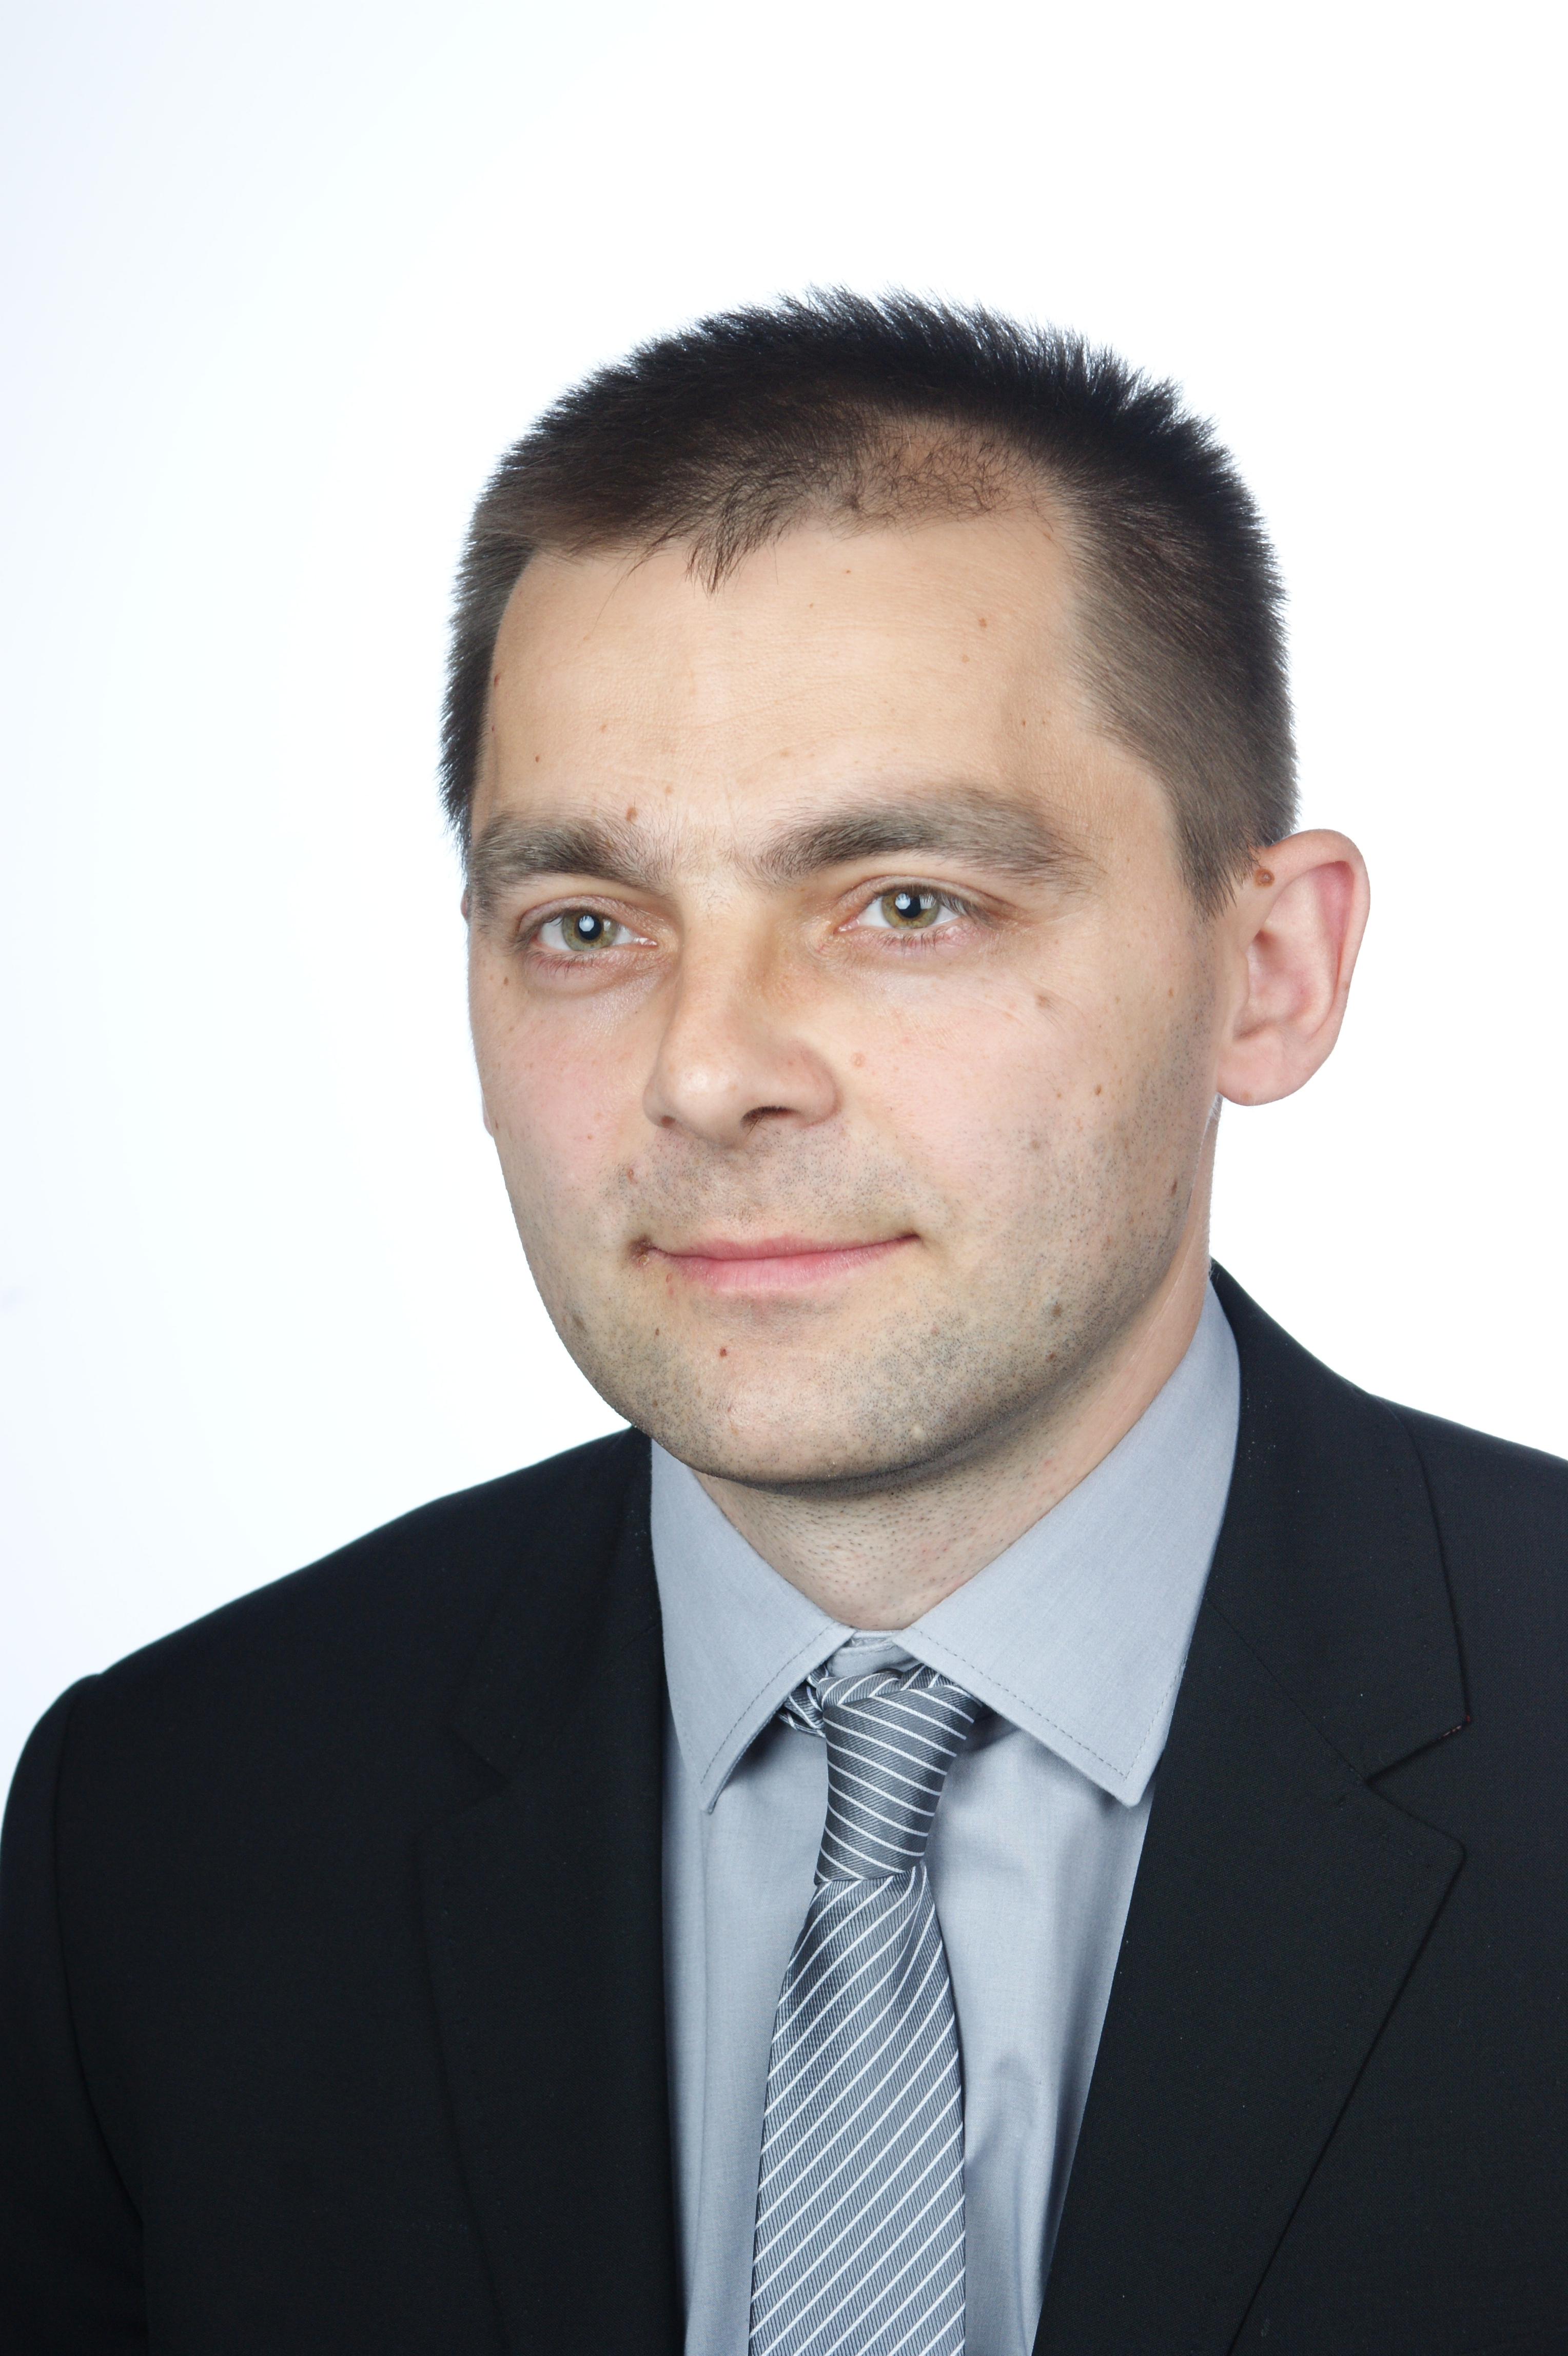 Kierownik Katedry i Zakładu: dr hab. n. farm. Michał Marszałł, prof. UMK